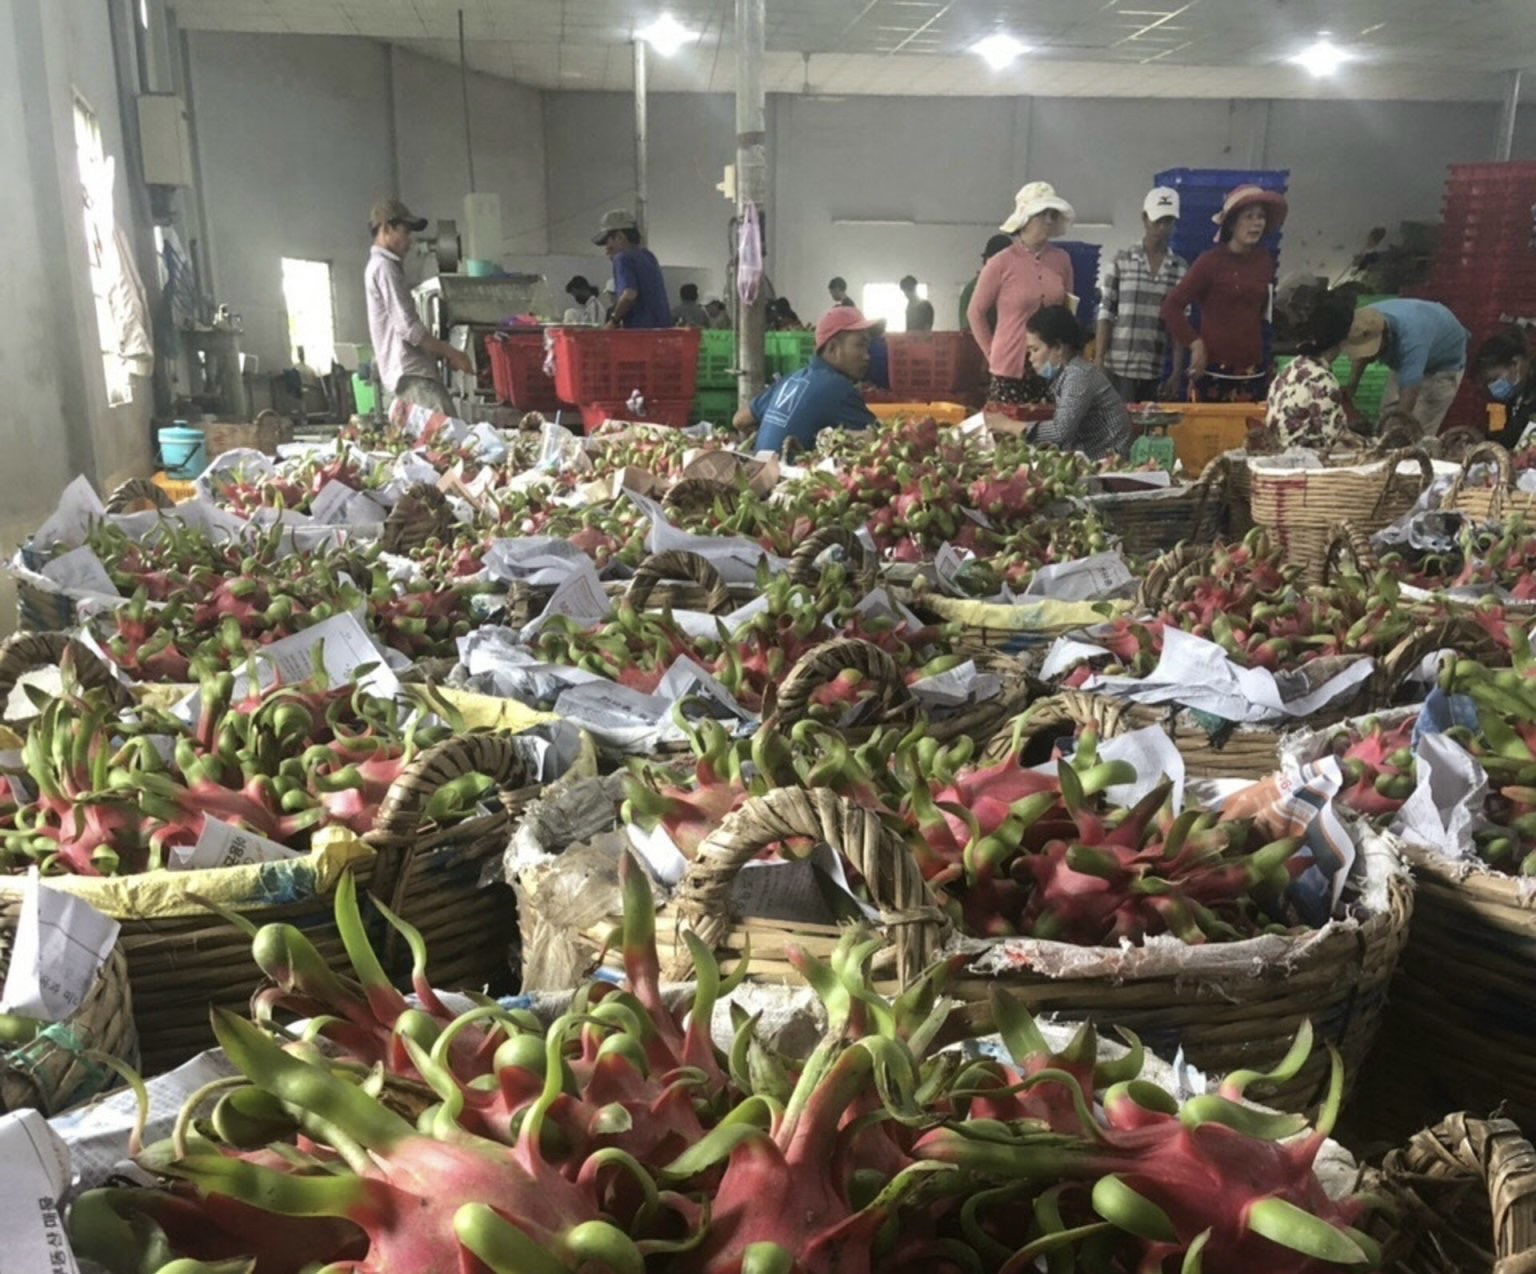 Trung Quốc siết chặt nhập khẩu nông sản, Bộ NN&PTNT đang nỗ lực kết nối thị trường - Ảnh 1.